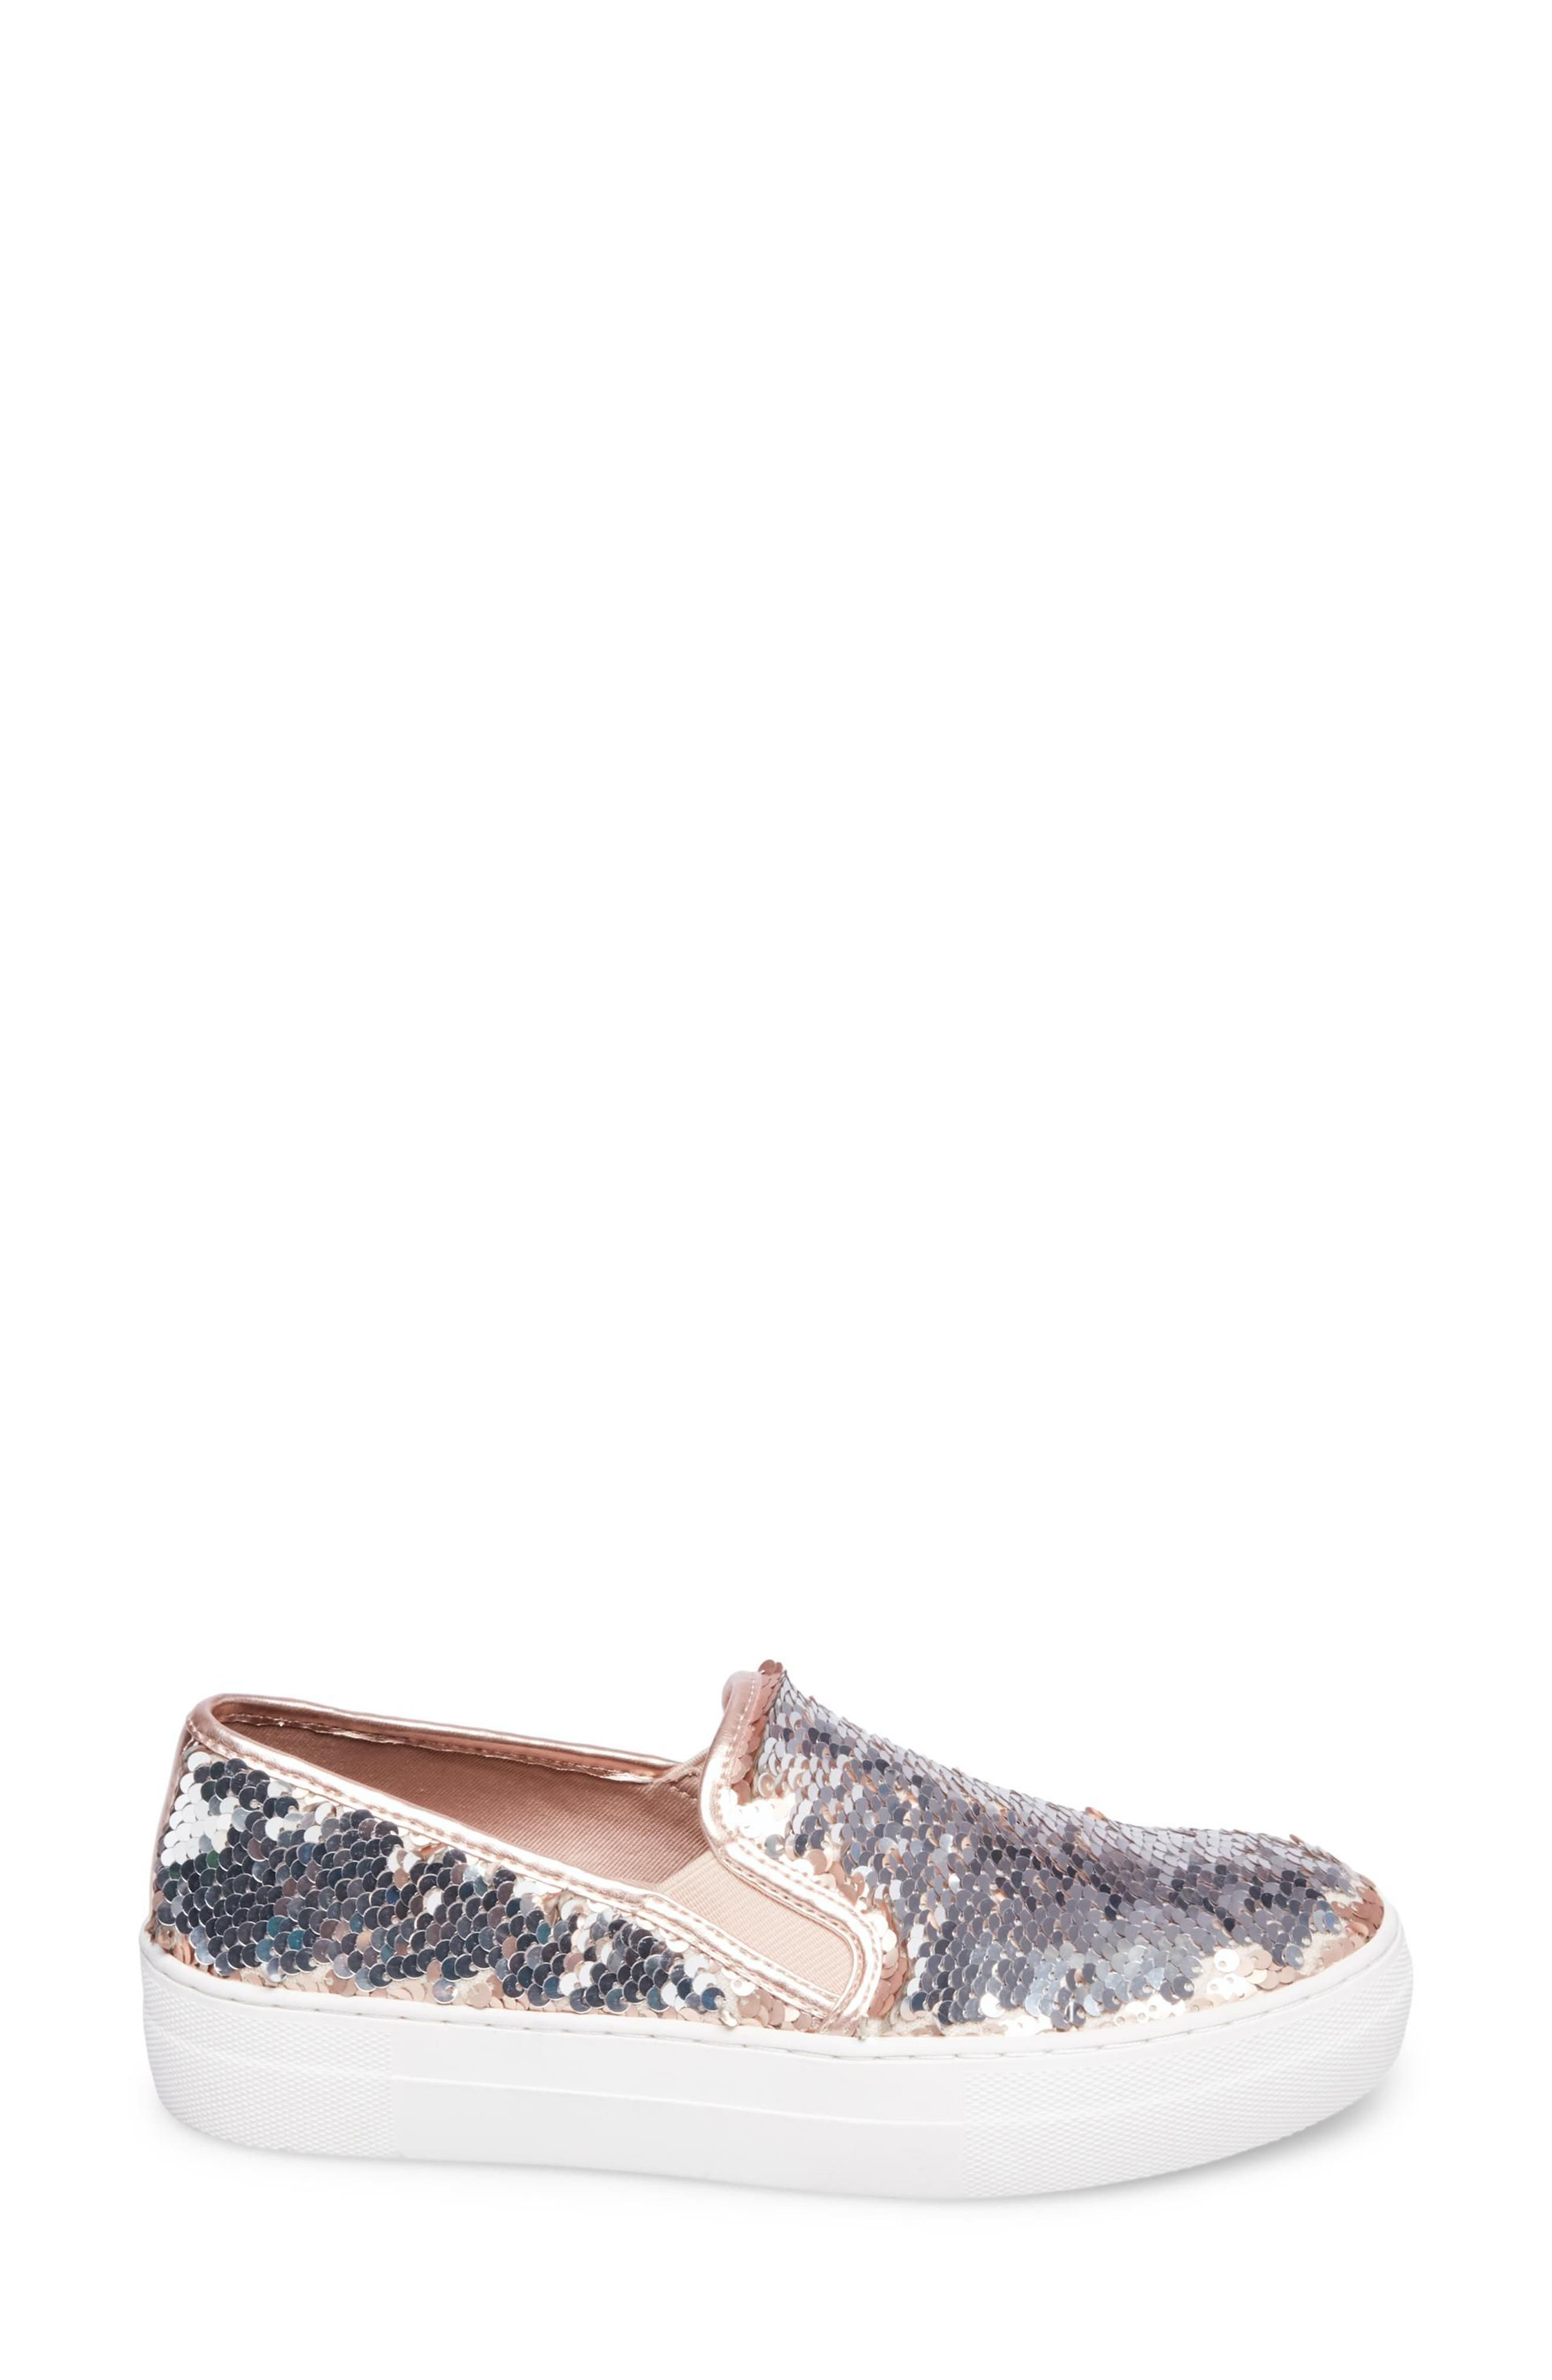 Gills Sequined Slip-On Platform Sneaker,                             Alternate thumbnail 6, color,